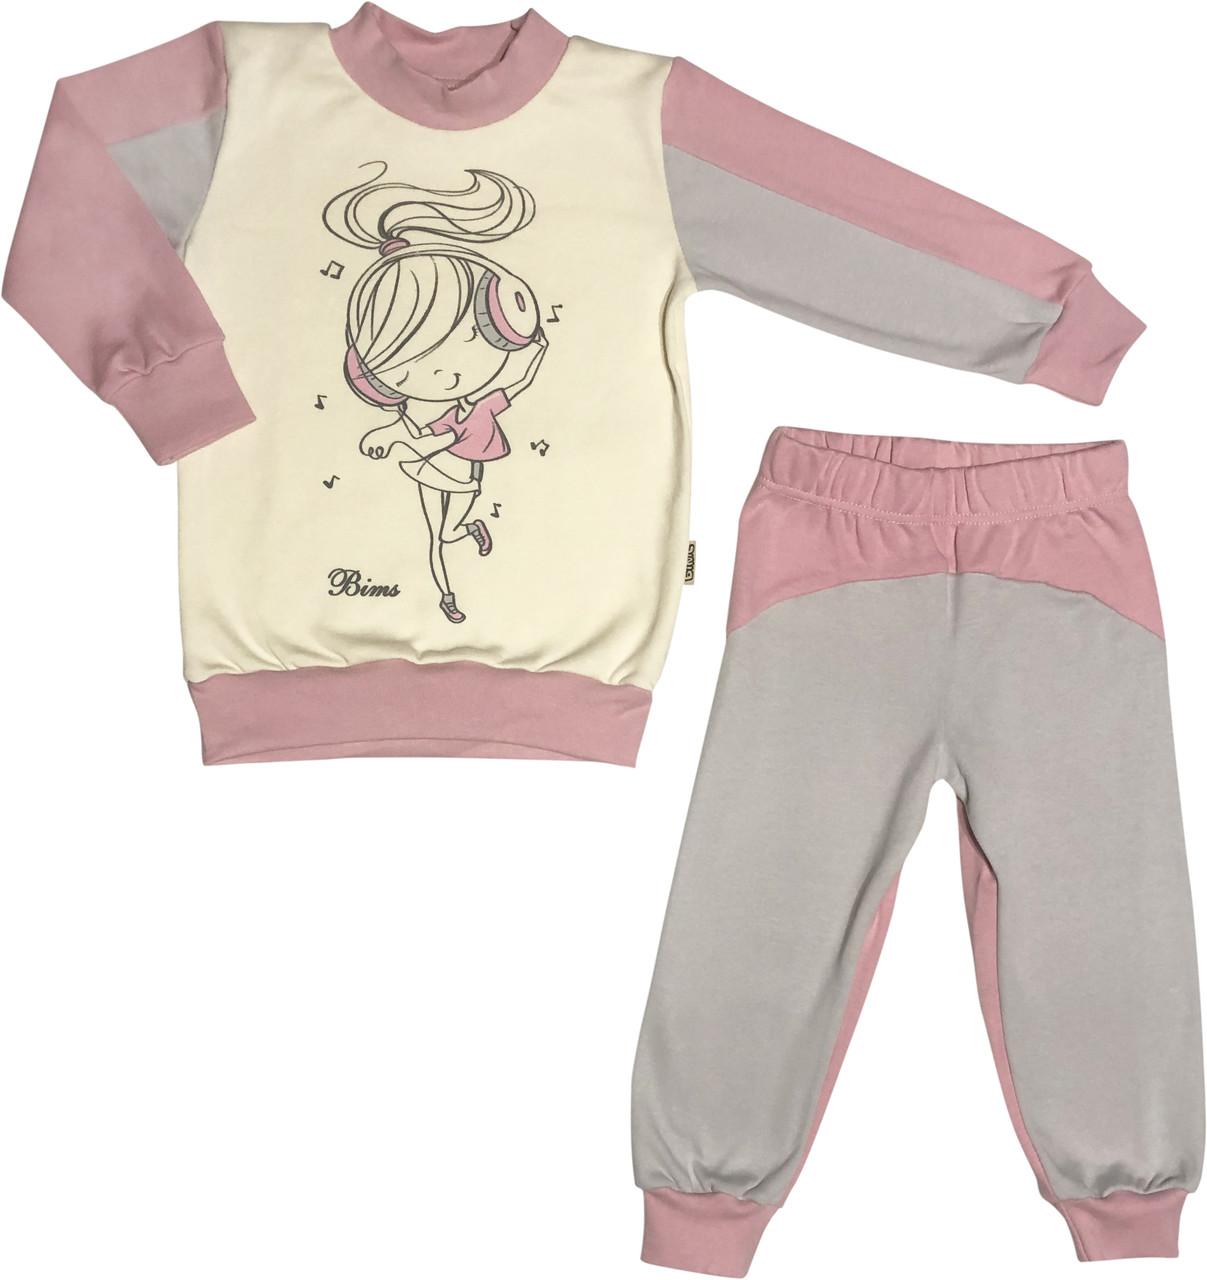 Дитяча піжама з начосом зростання 86 1 рік-1,5 року інтерлок рожевий на дівчинку для малюків Д-886